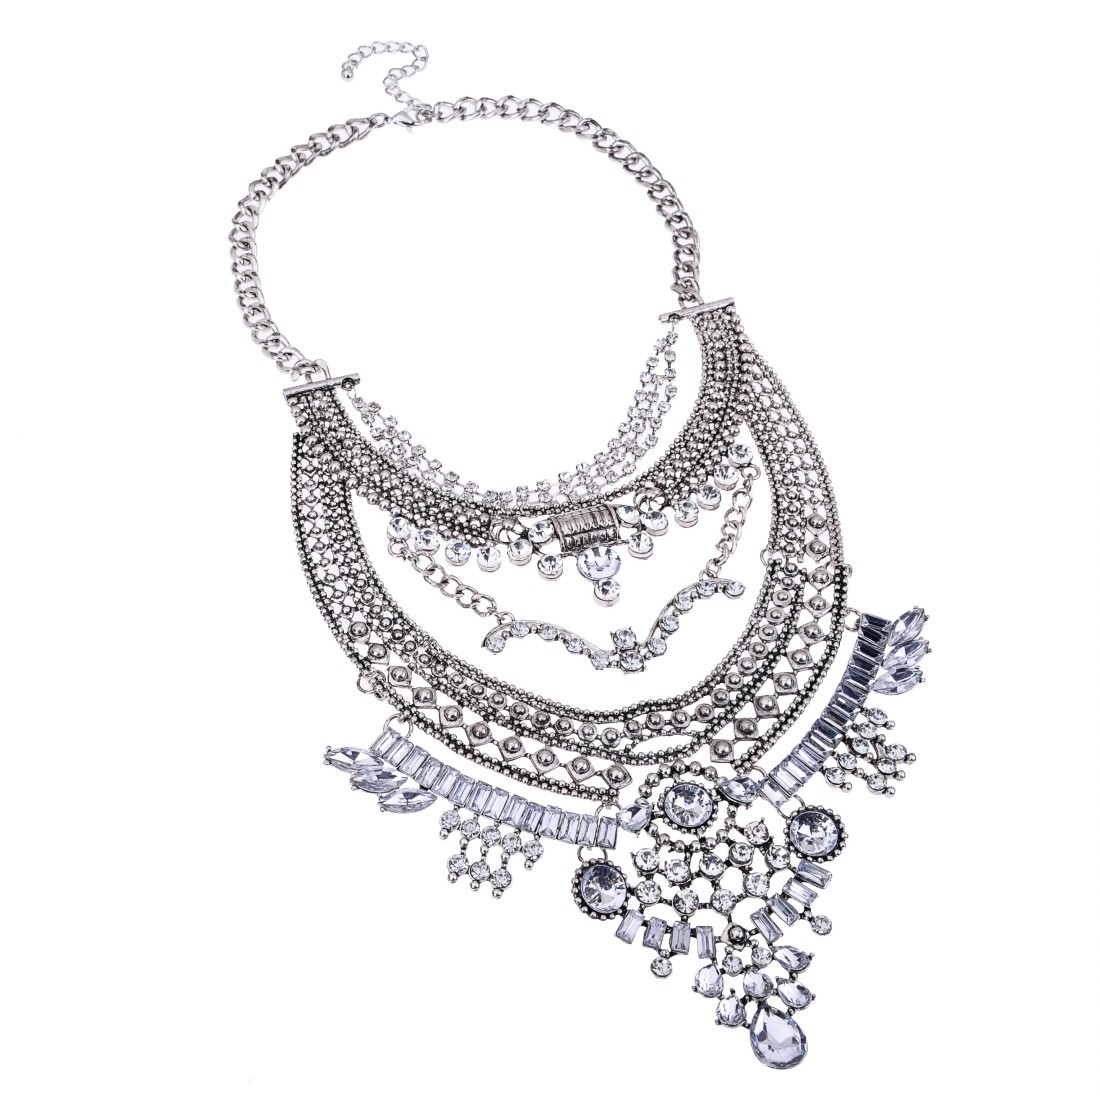 1100x1100 Ethnic Vintage Style Gold Silver Chain Rhinestone Crystal Bib